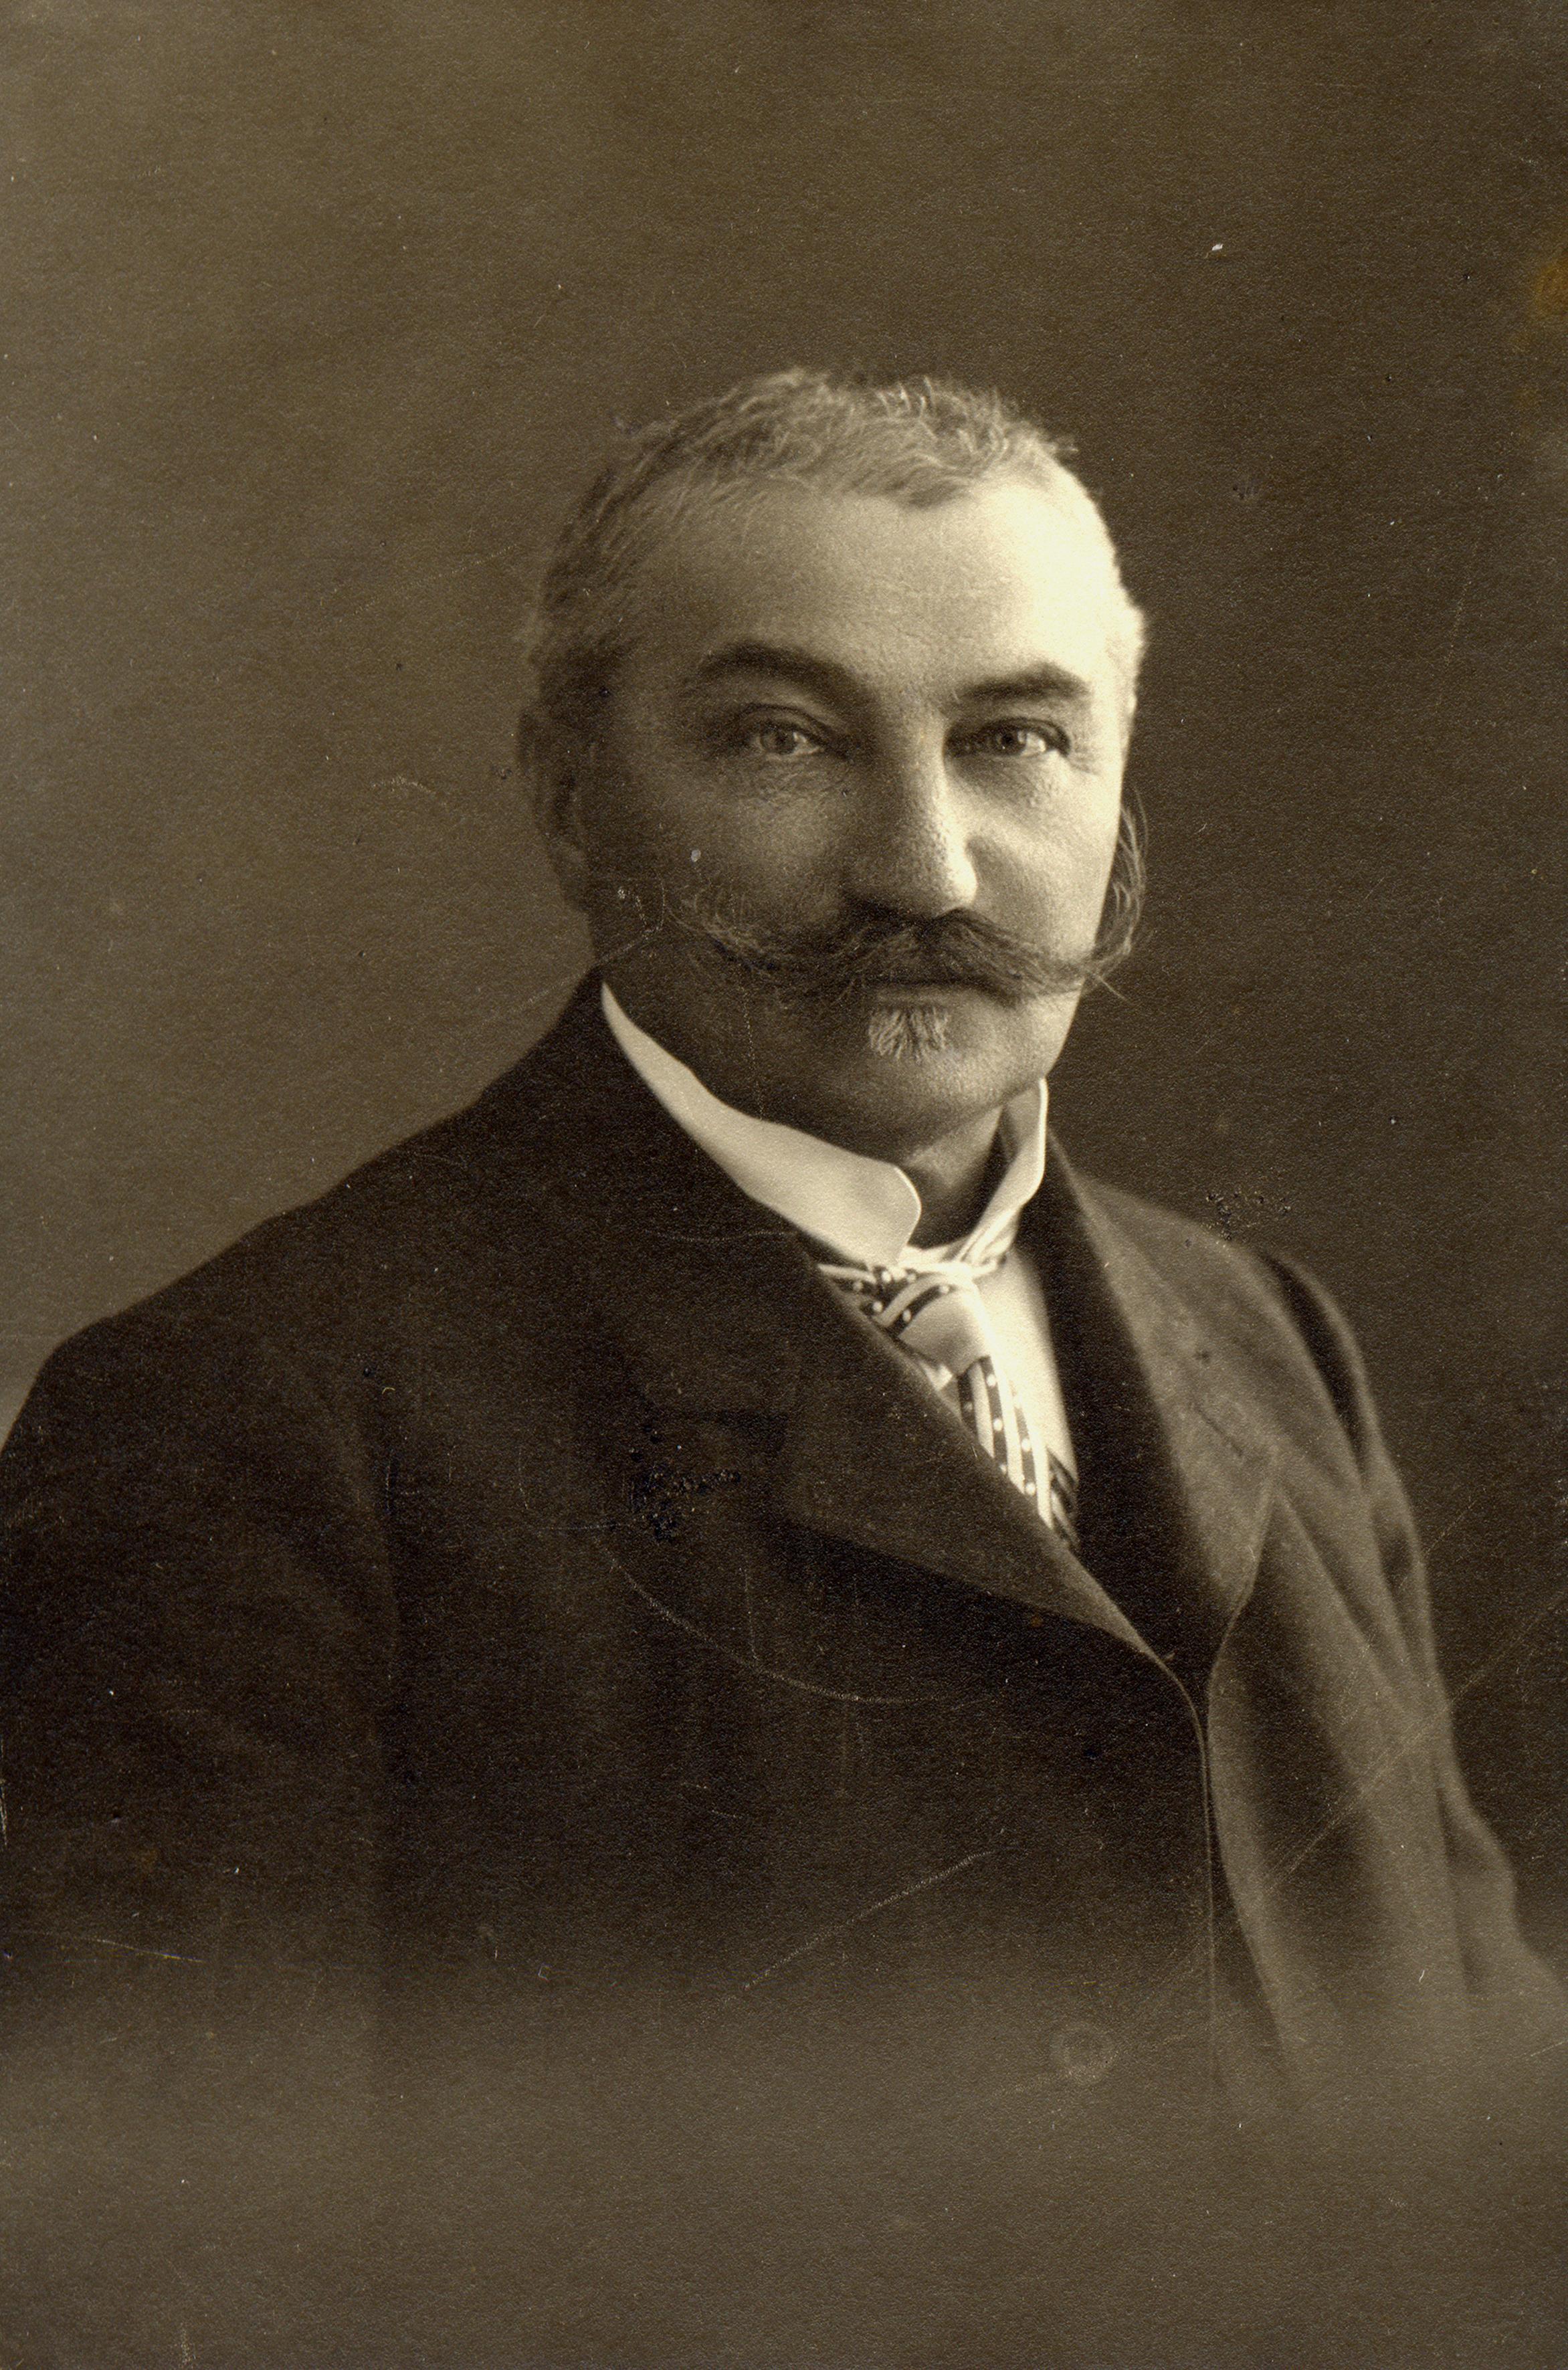 Alois Brod